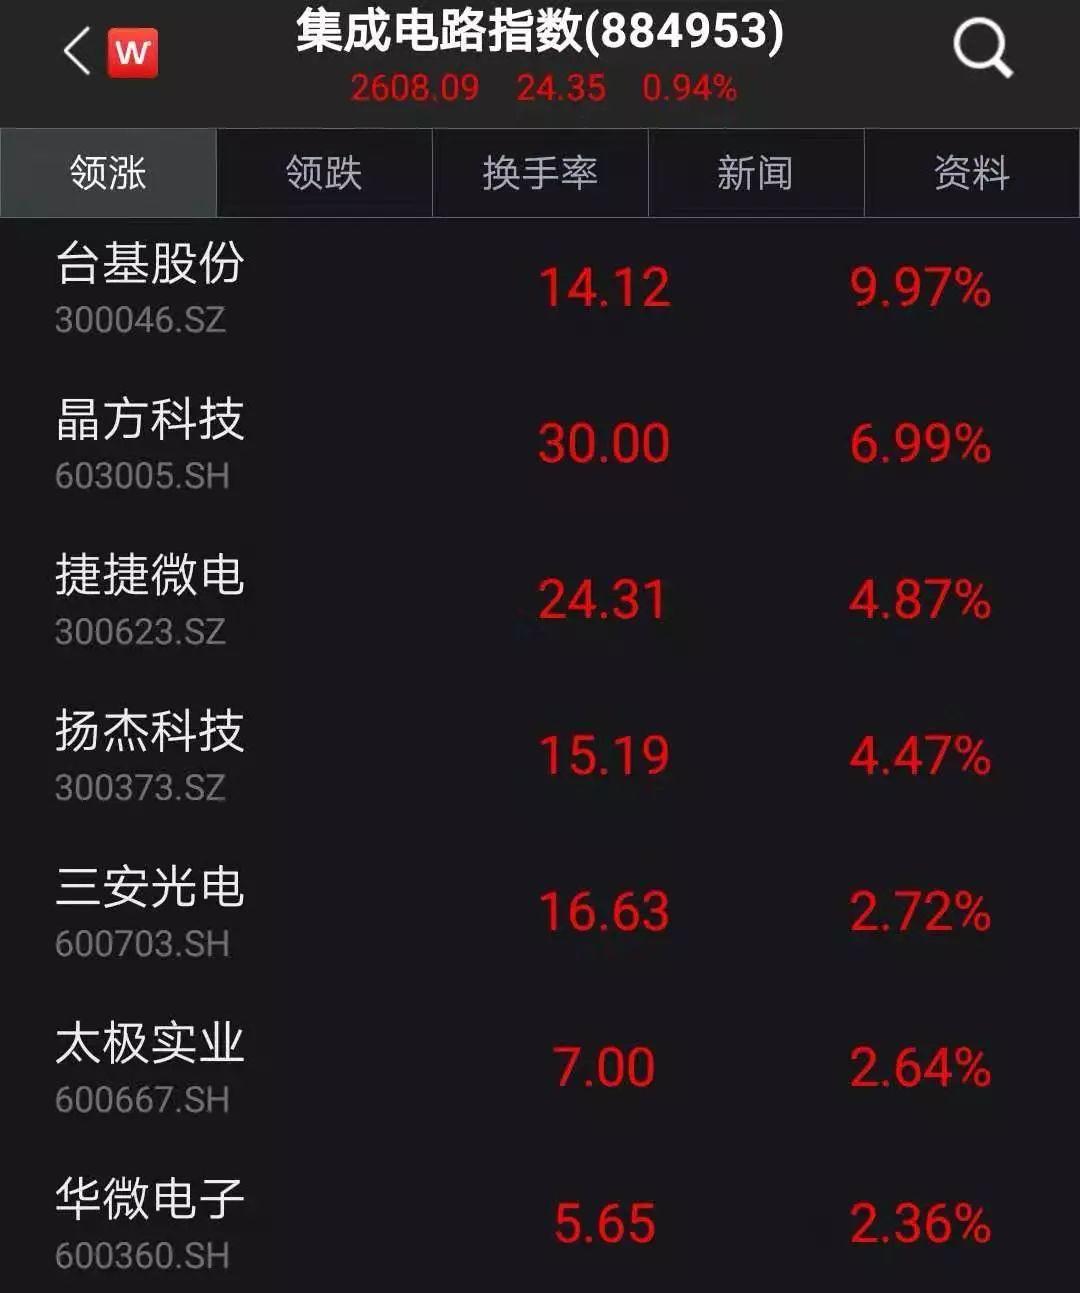 玫瑰娱乐场乐官方网-即日起,潍坊交警将专项整治电动车的以下交通违法行为